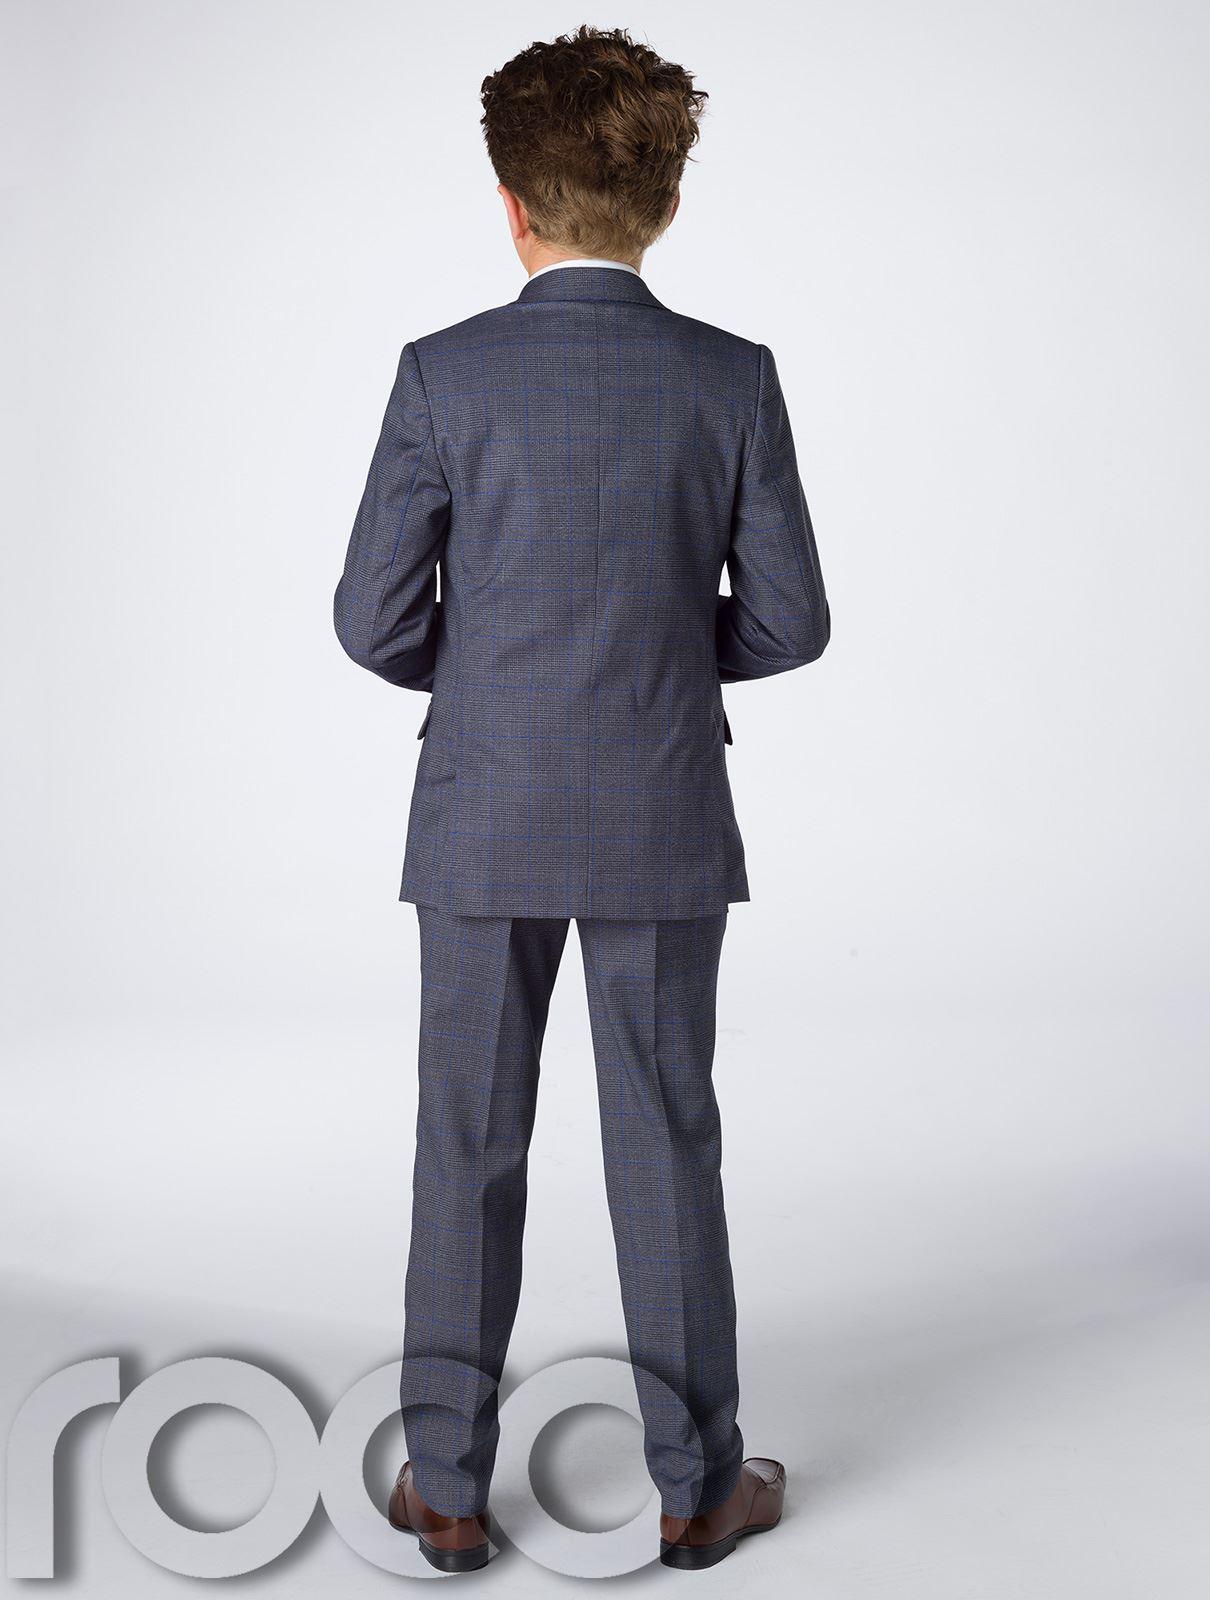 Garcons-bleu-marine-suit-garcons-gris-suit-garcons-carreaux-costume-slim-fit-costume-page-boy miniature 6